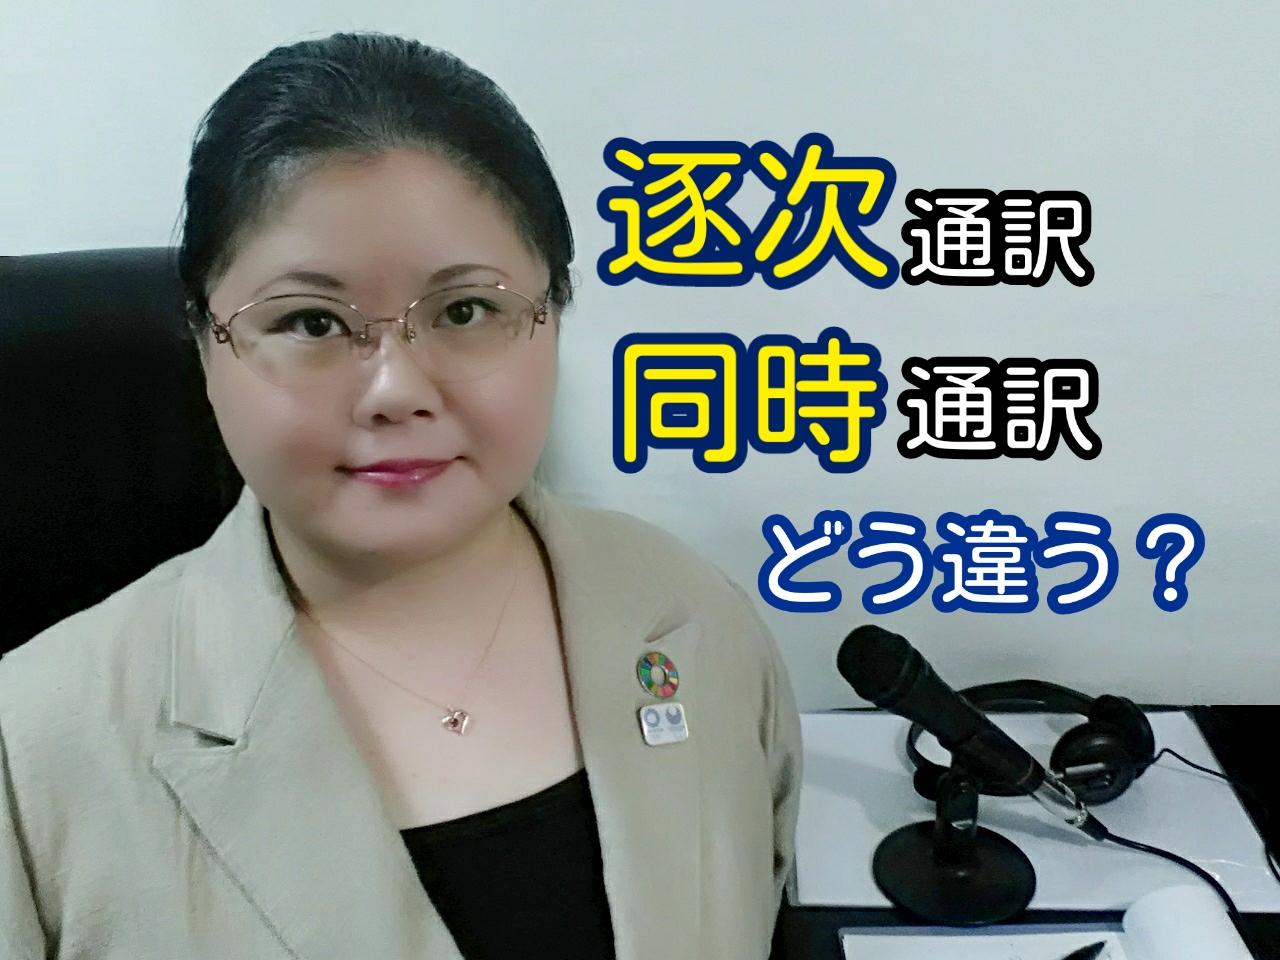 逐次通訳と同時通訳の違い - 同時通訳者山下えりかの通訳翻訳&英語 ...